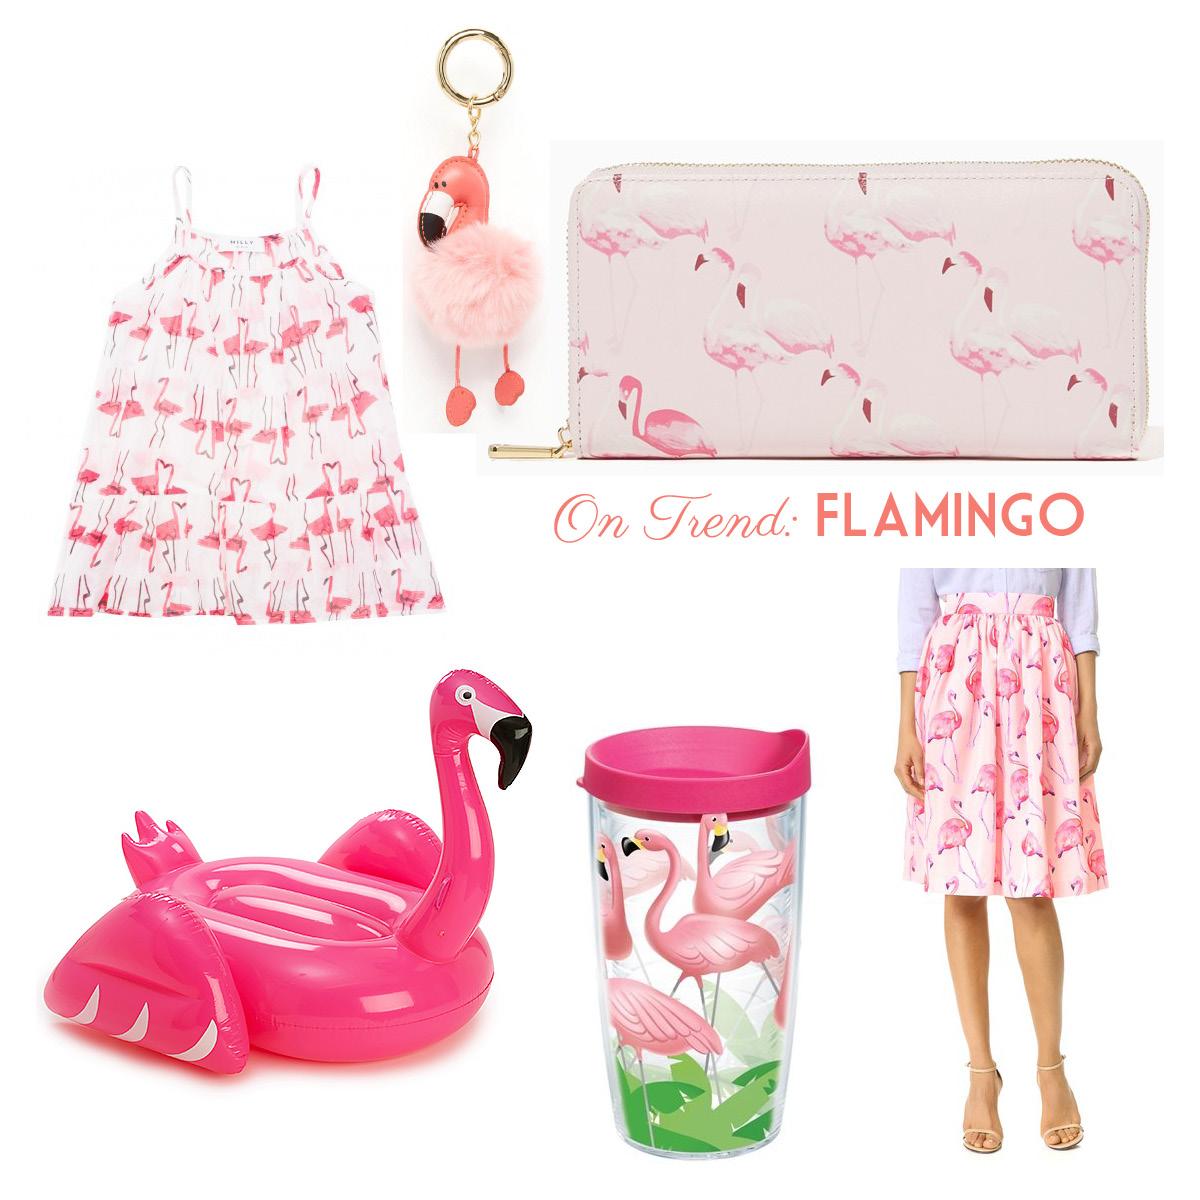 OnTrend-Flamingo